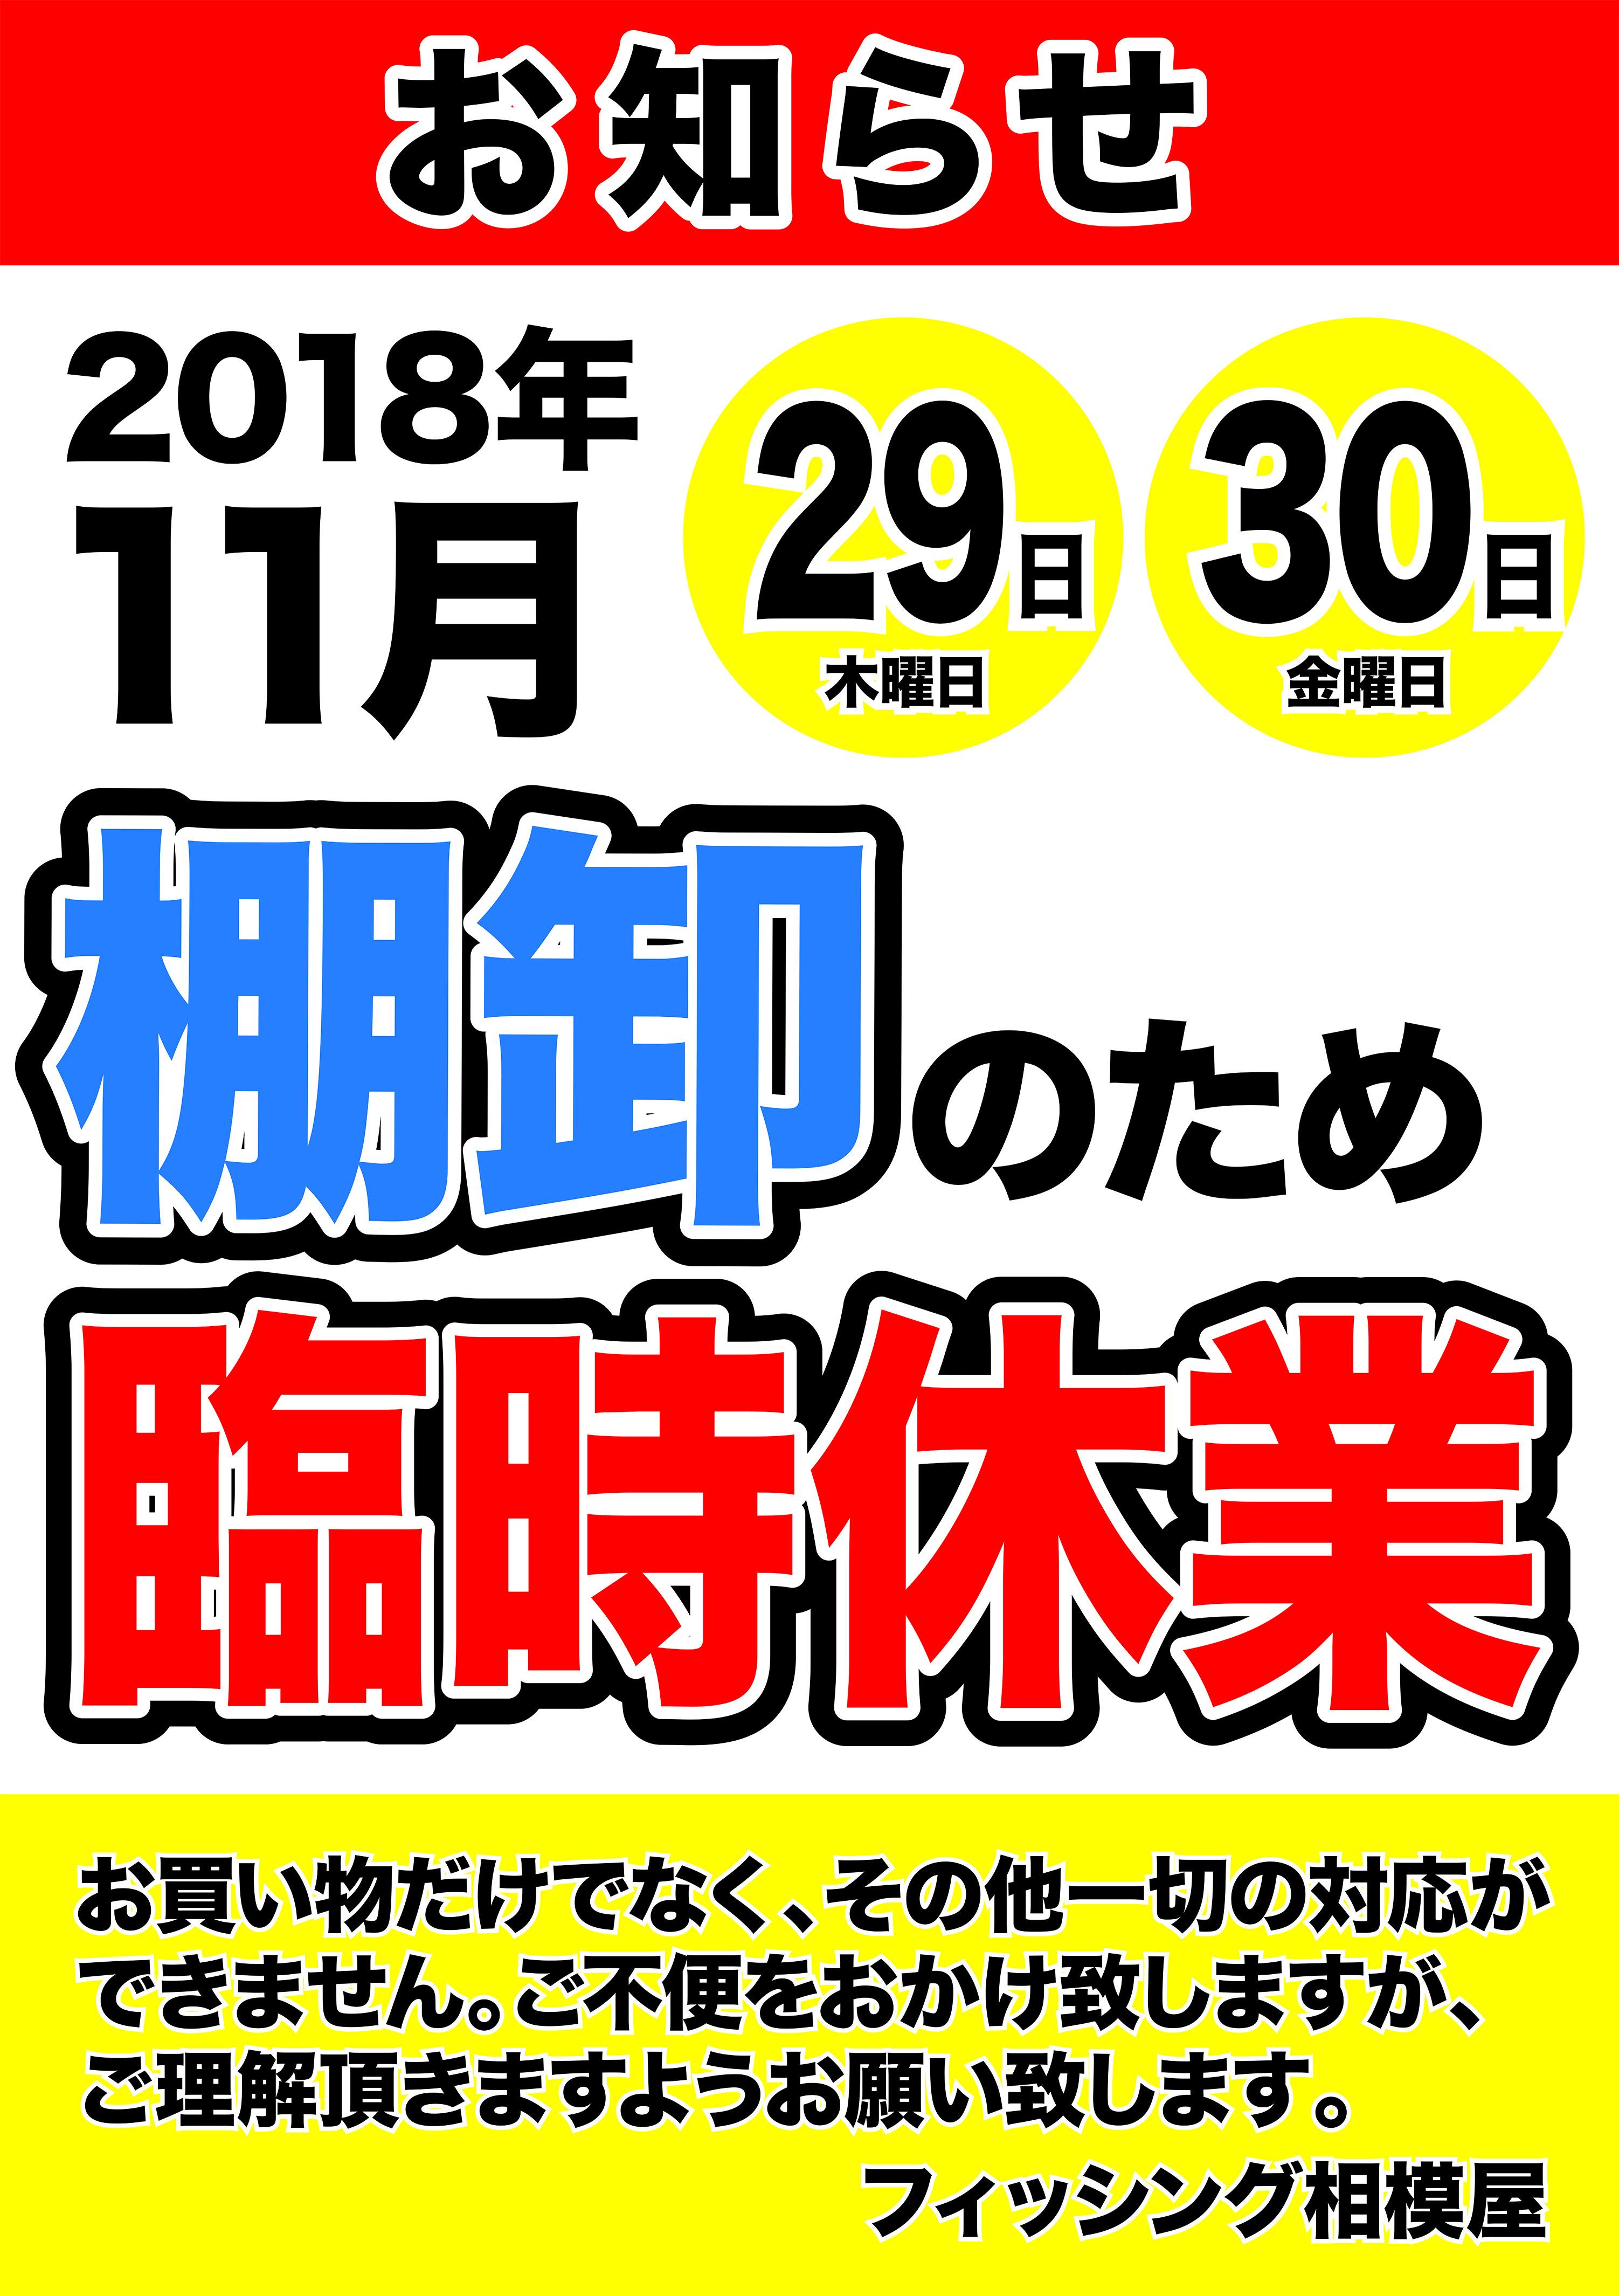 2018年11月29日(木)・30日(金)棚卸休業のお知らせ